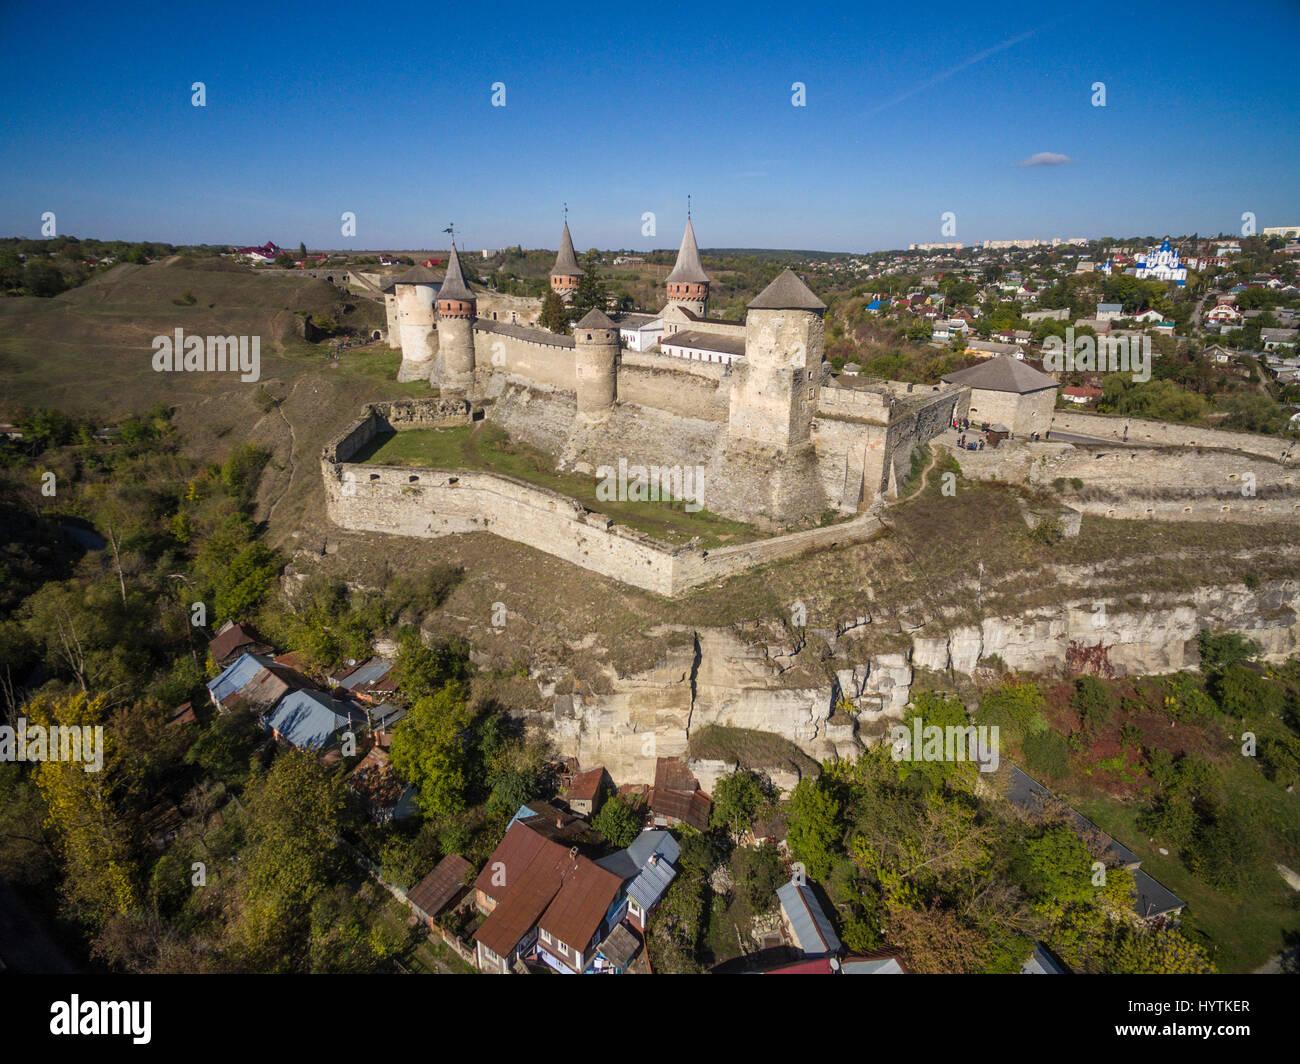 Riprese aeree di kamianets-podilski castello in Ucraina occidentale. prese su una luminosa giornata autunnale limpida Foto Stock